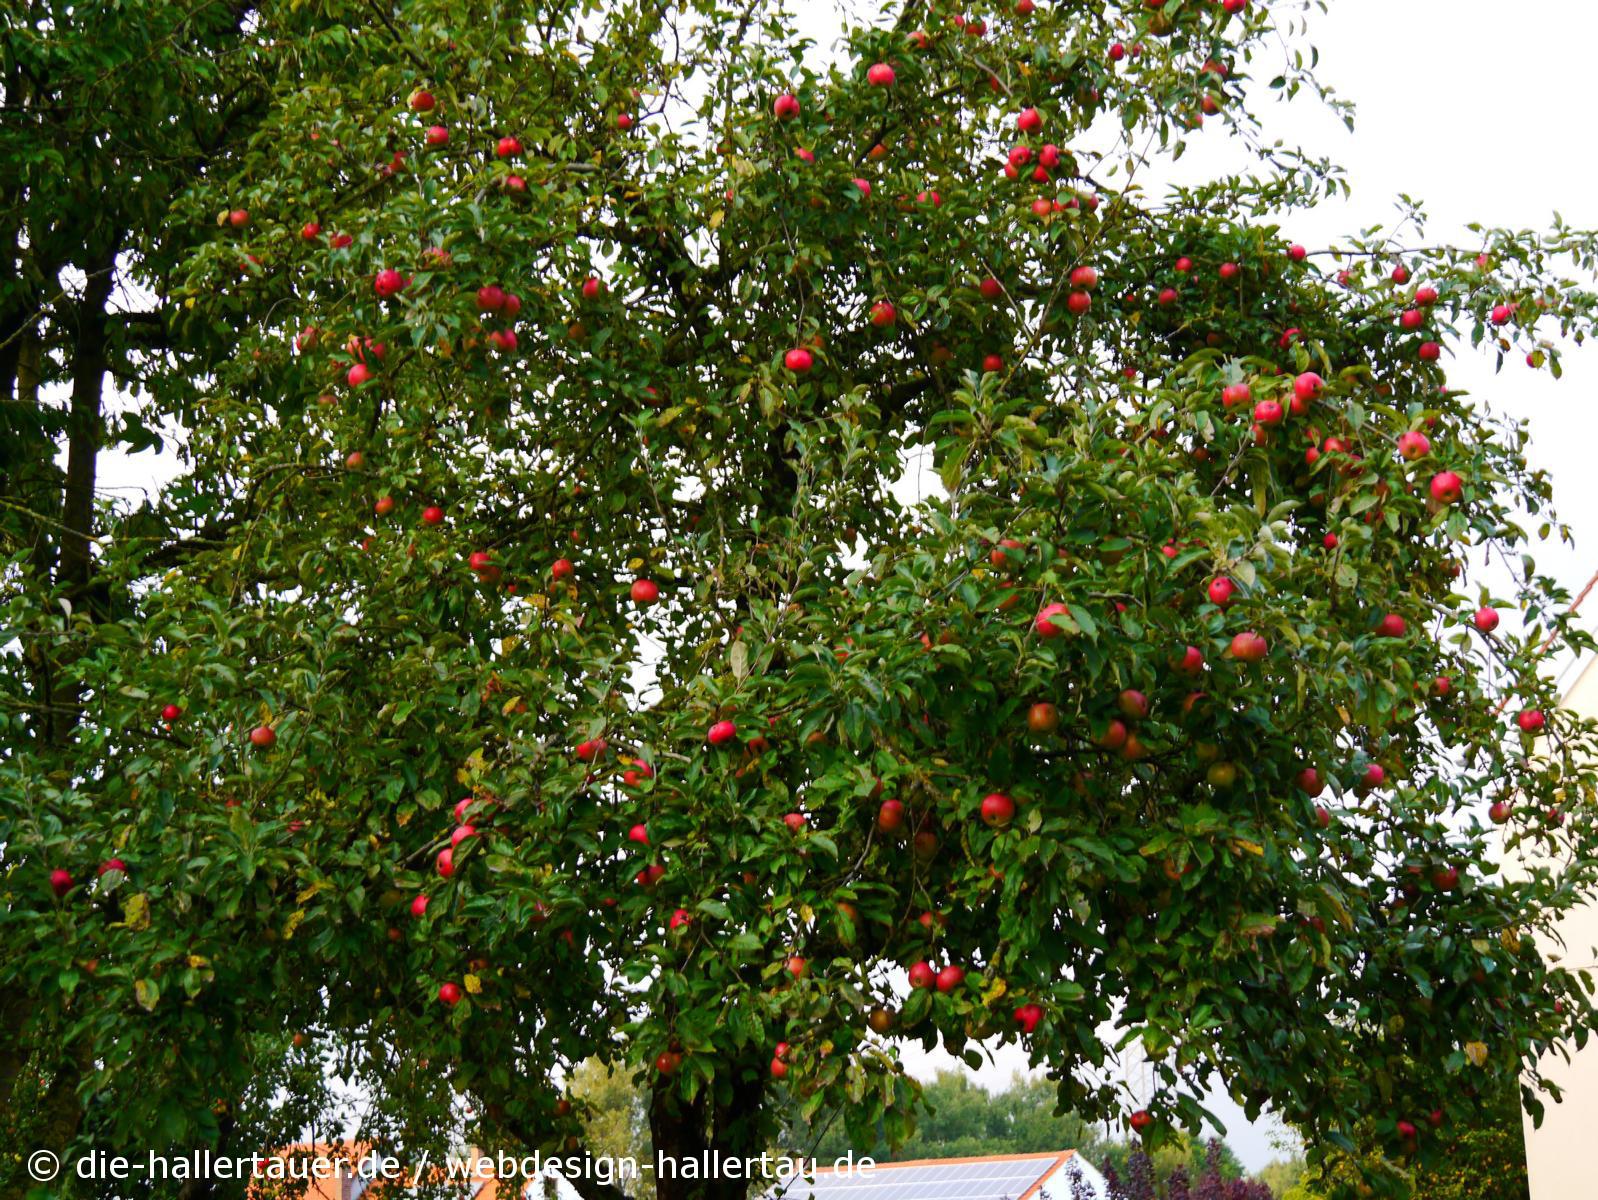 Hallertauer Apfelbäume